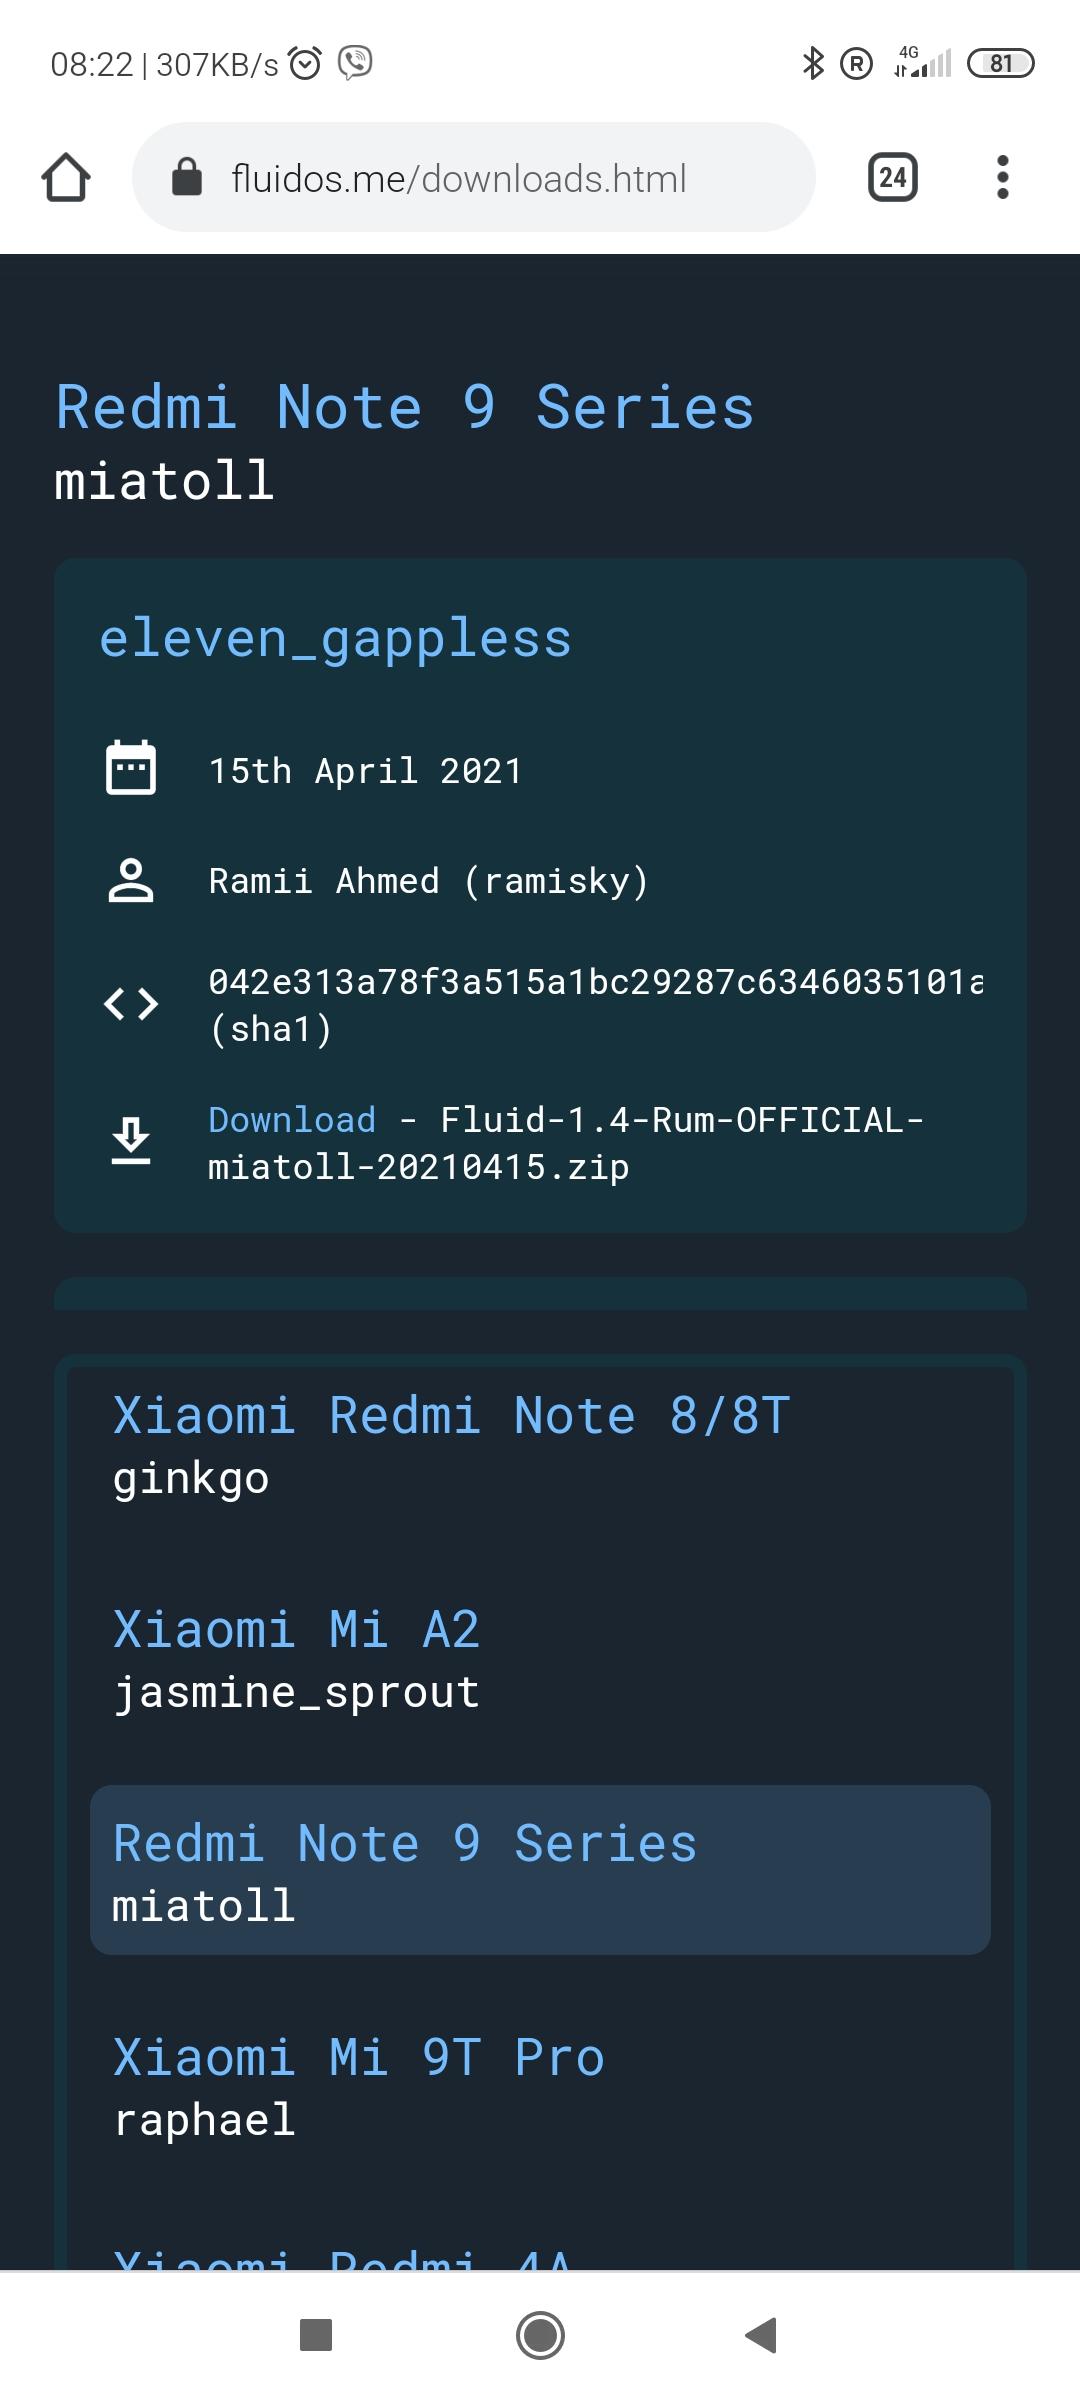 Screenshot_2021-05-04-08-22-50-338_com.android.chrome.jpg